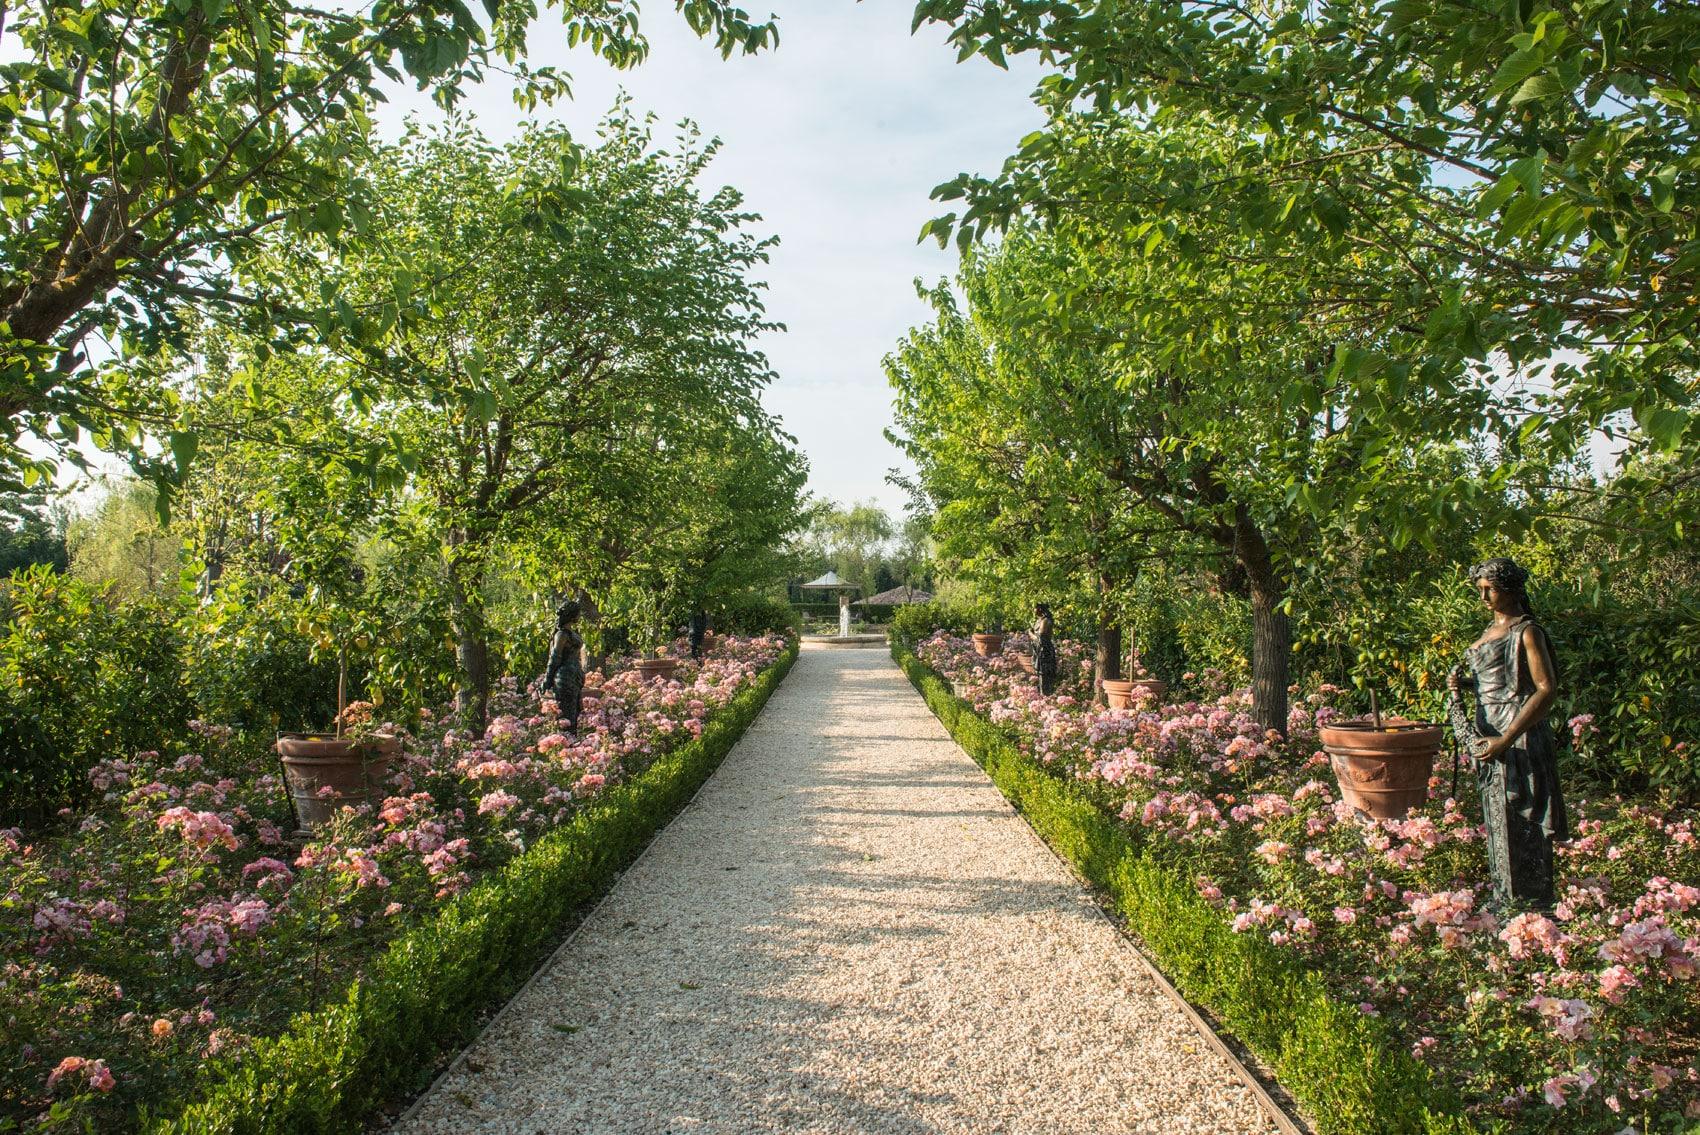 Los cinco sentidos de Borgo Santo Pietro